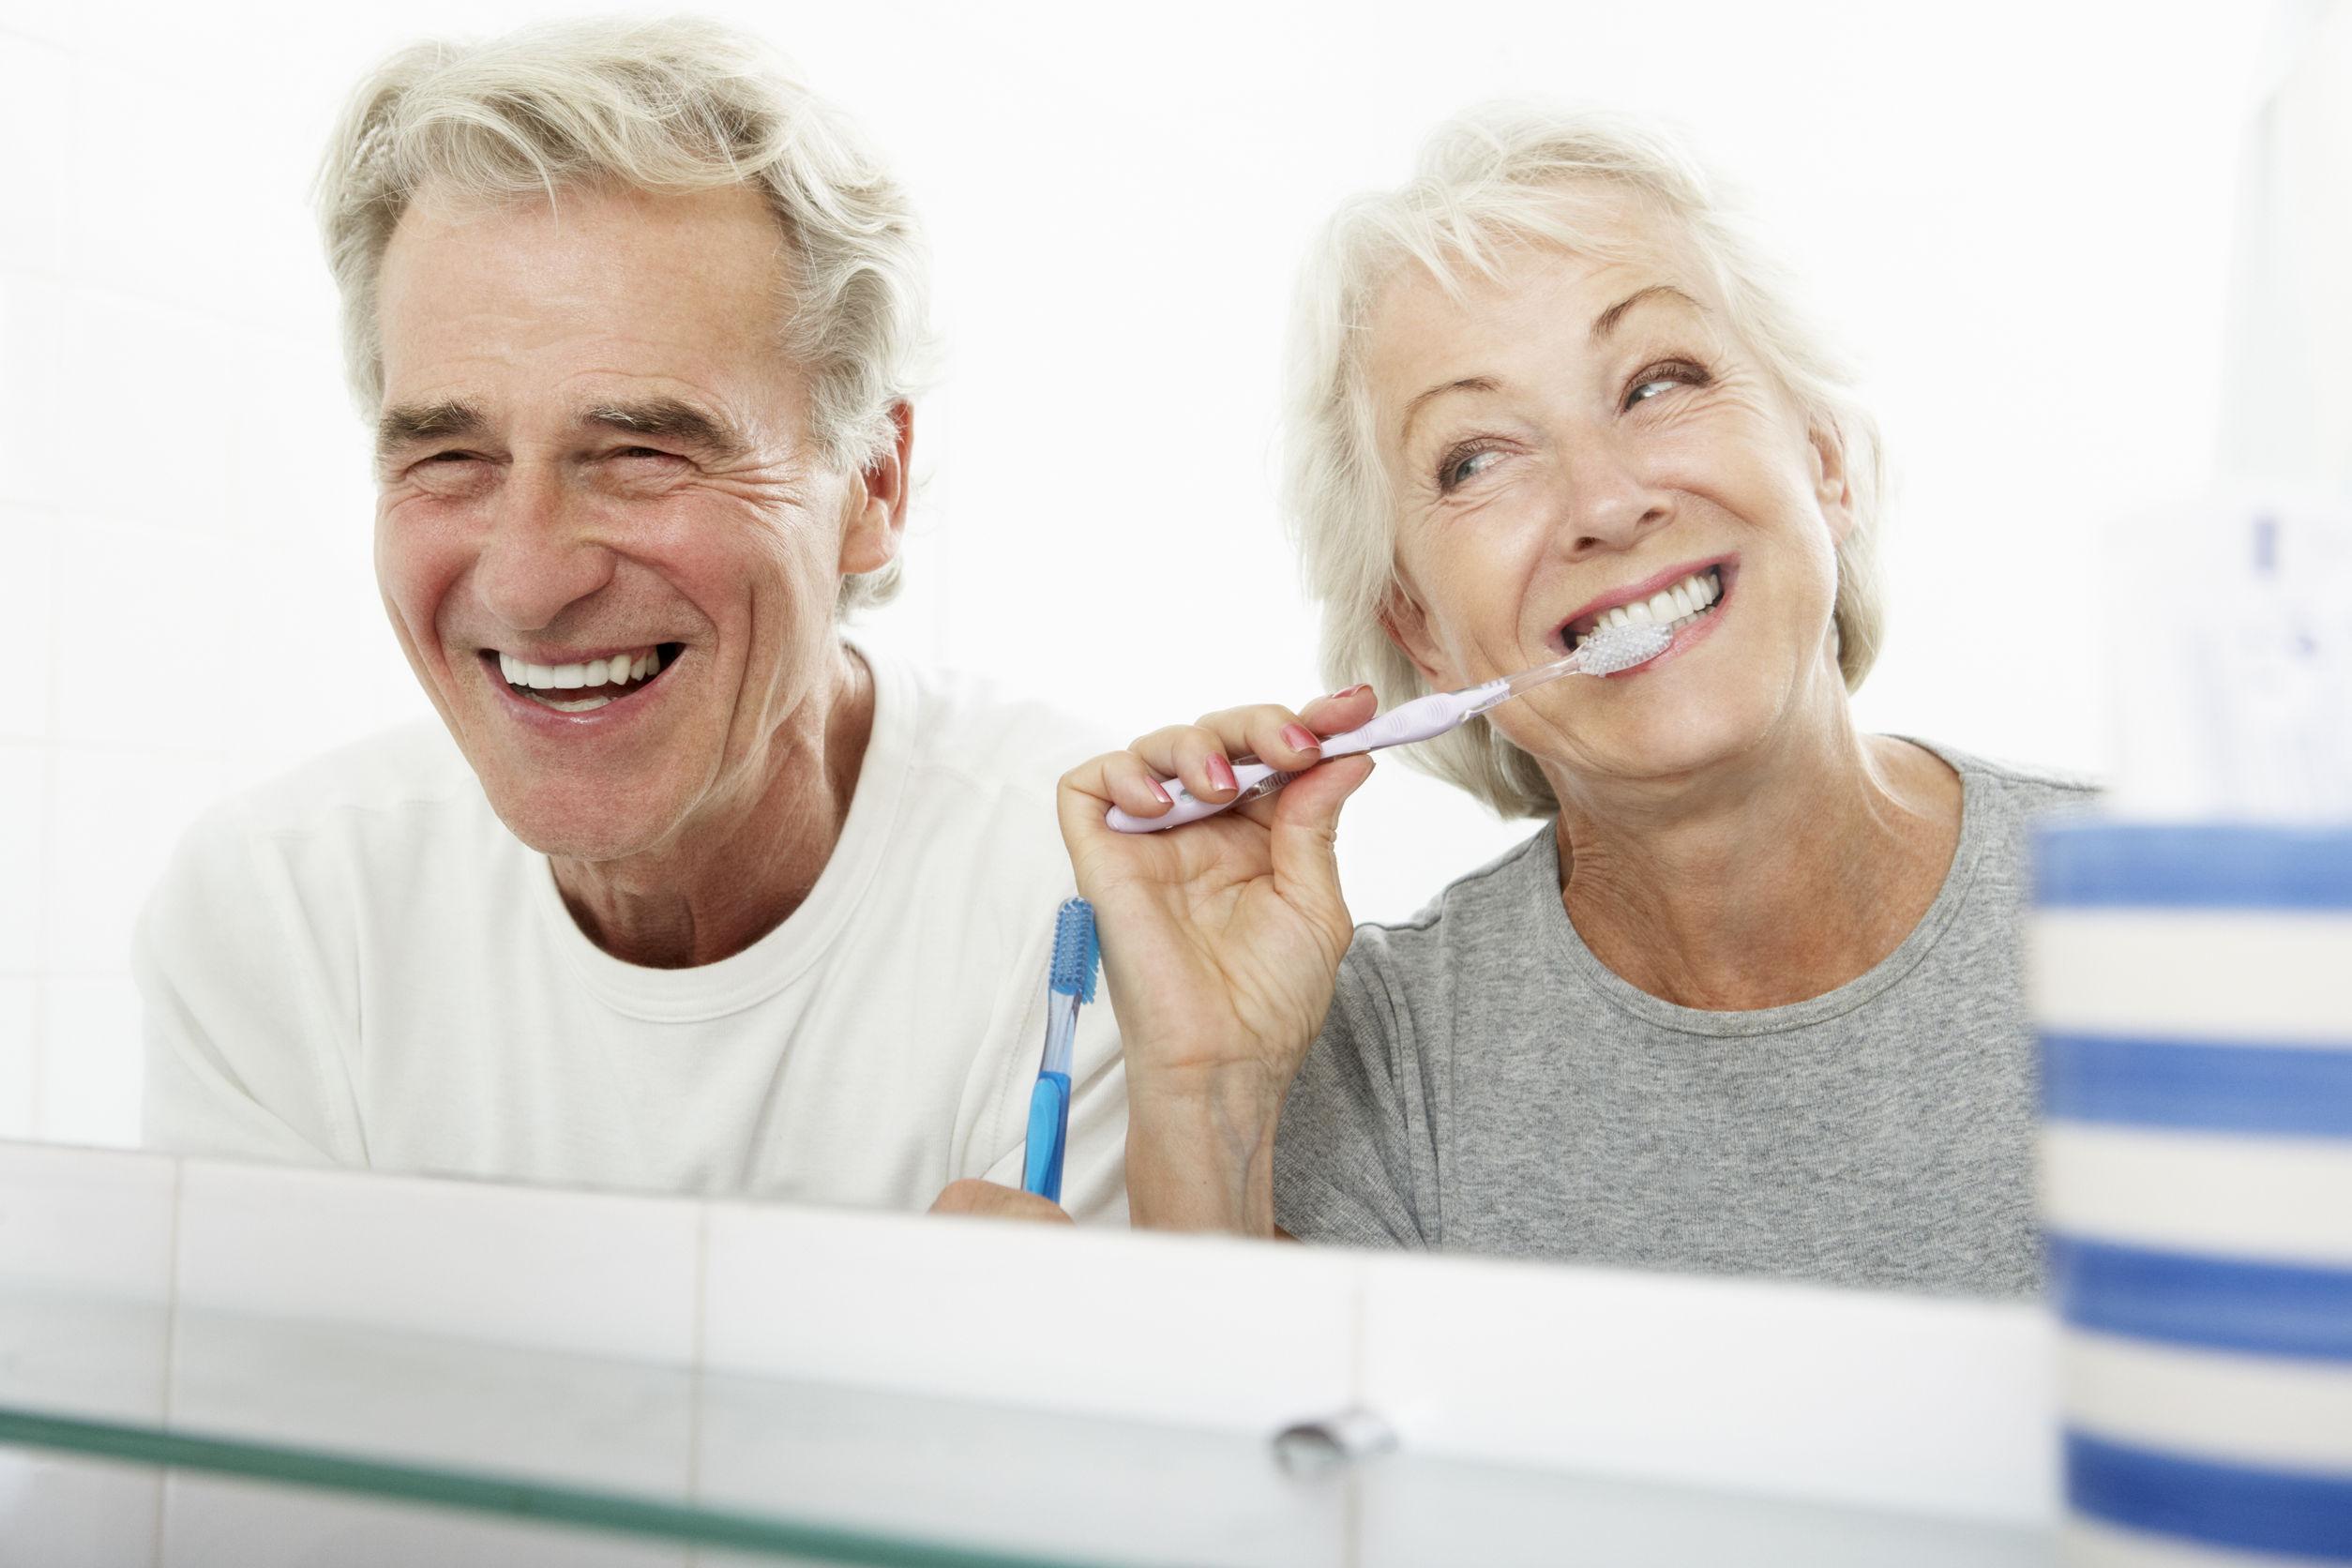 Erős szájszag? Otthoni praktikák kellemetlen lehelet ellen - EgészségKalauz